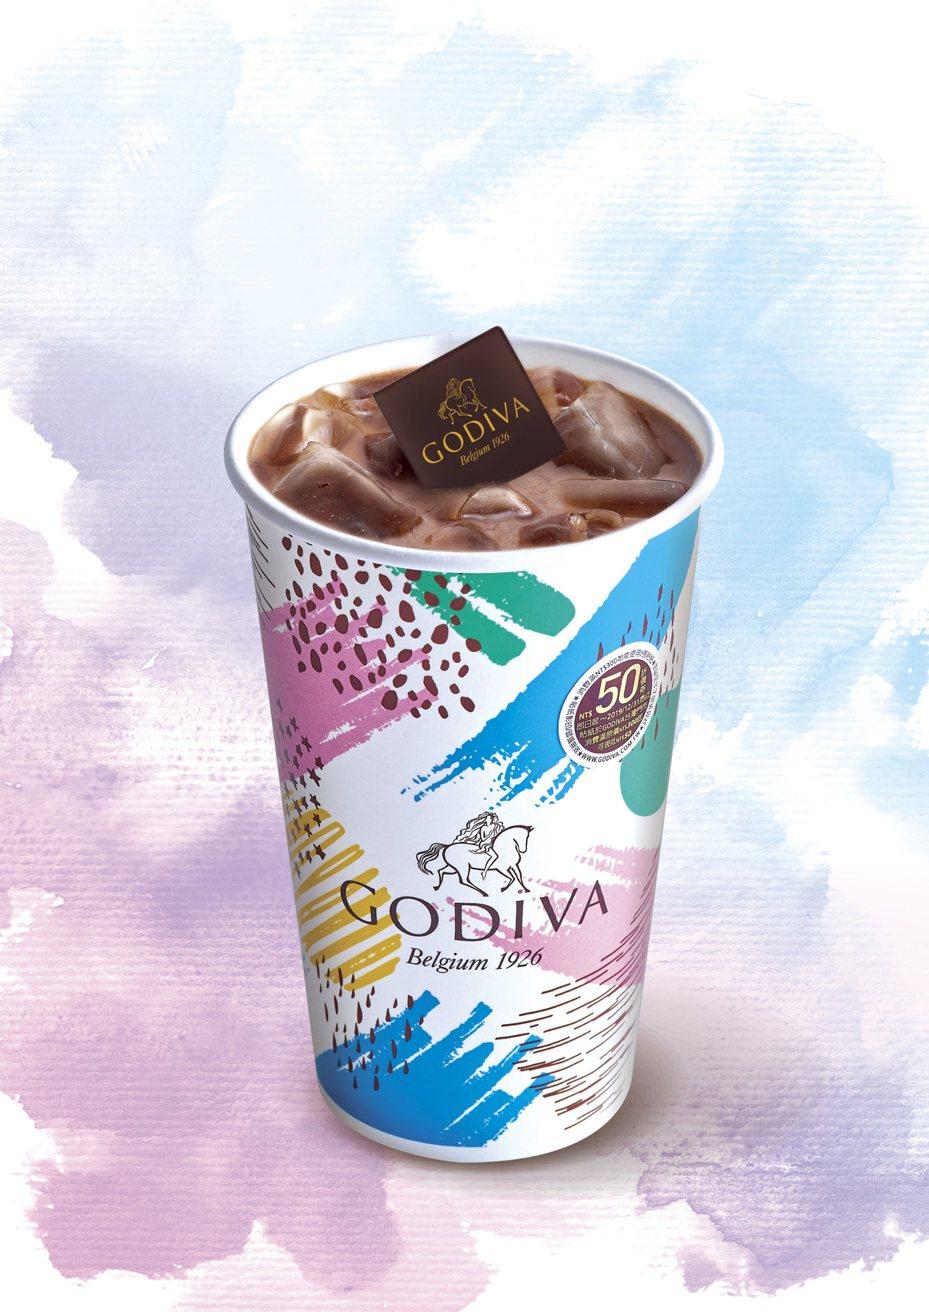 小7限定版「GODIVA經典冰可可」每杯售價119元。圖/統一超商提供